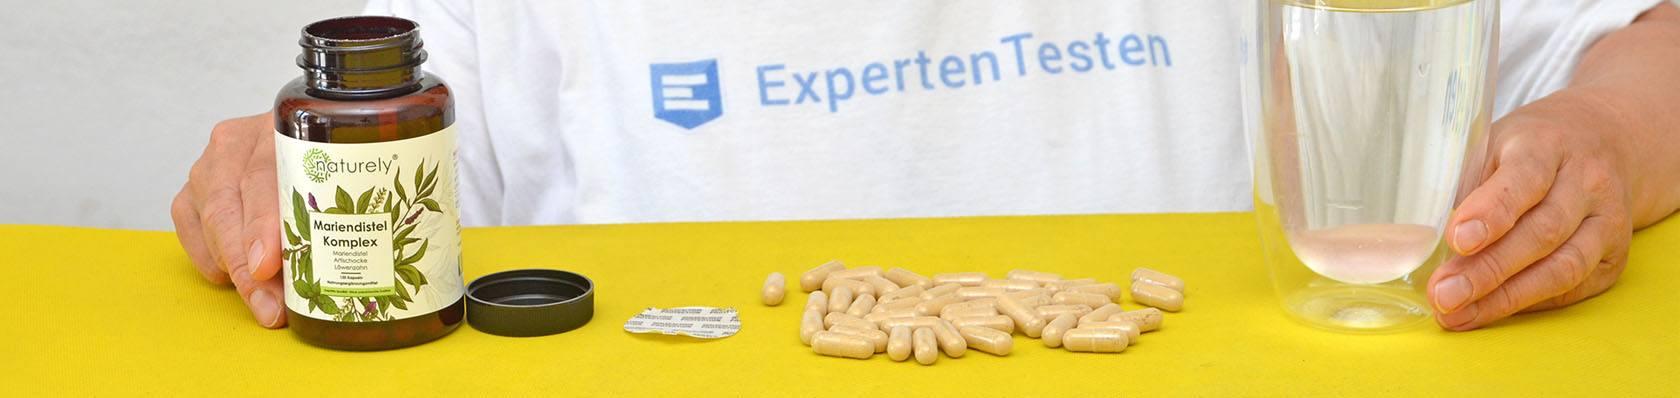 Mariendistel Komplex Produkte im Test auf ExpertenTesten.de